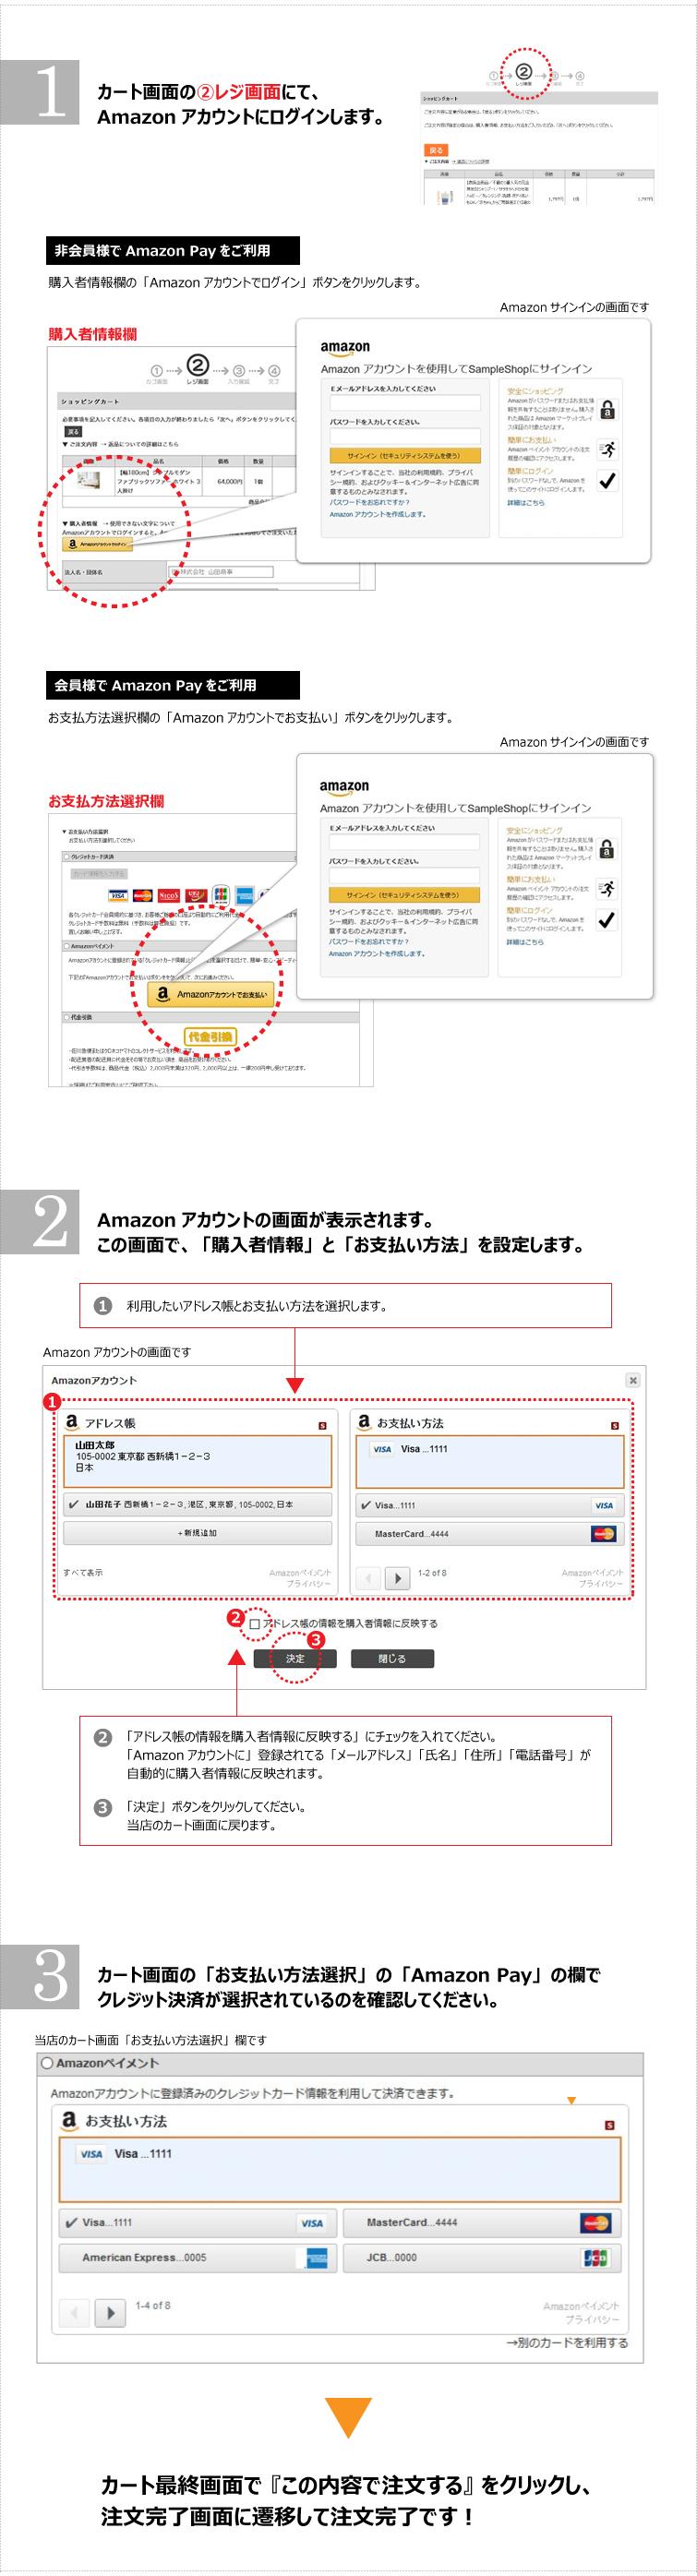 Amazonペイメントログインの流れ